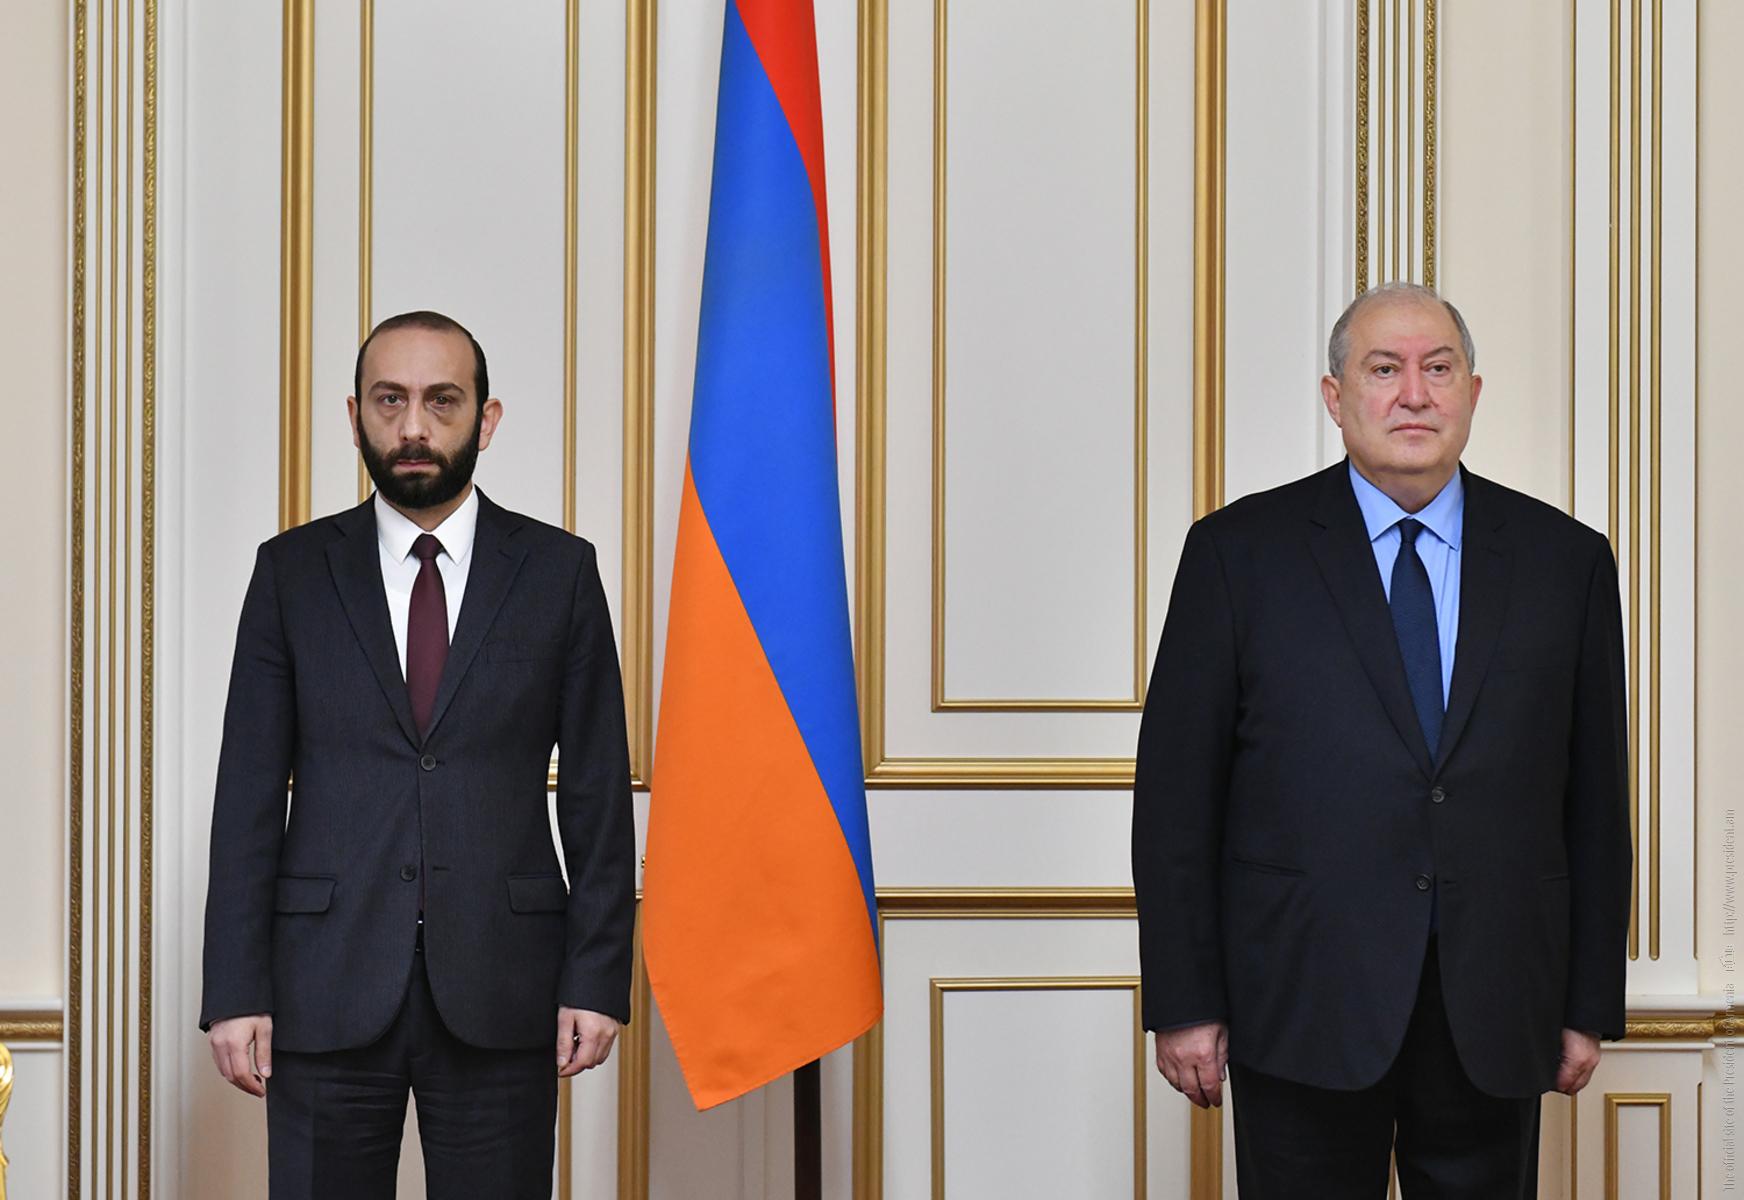 Photo of Հանրապետության նախագահ Արմեն Սարգսյանը հանդիպում է ունեցել ԱԺ նախագահ Արարատ Միրզոյանի հետ